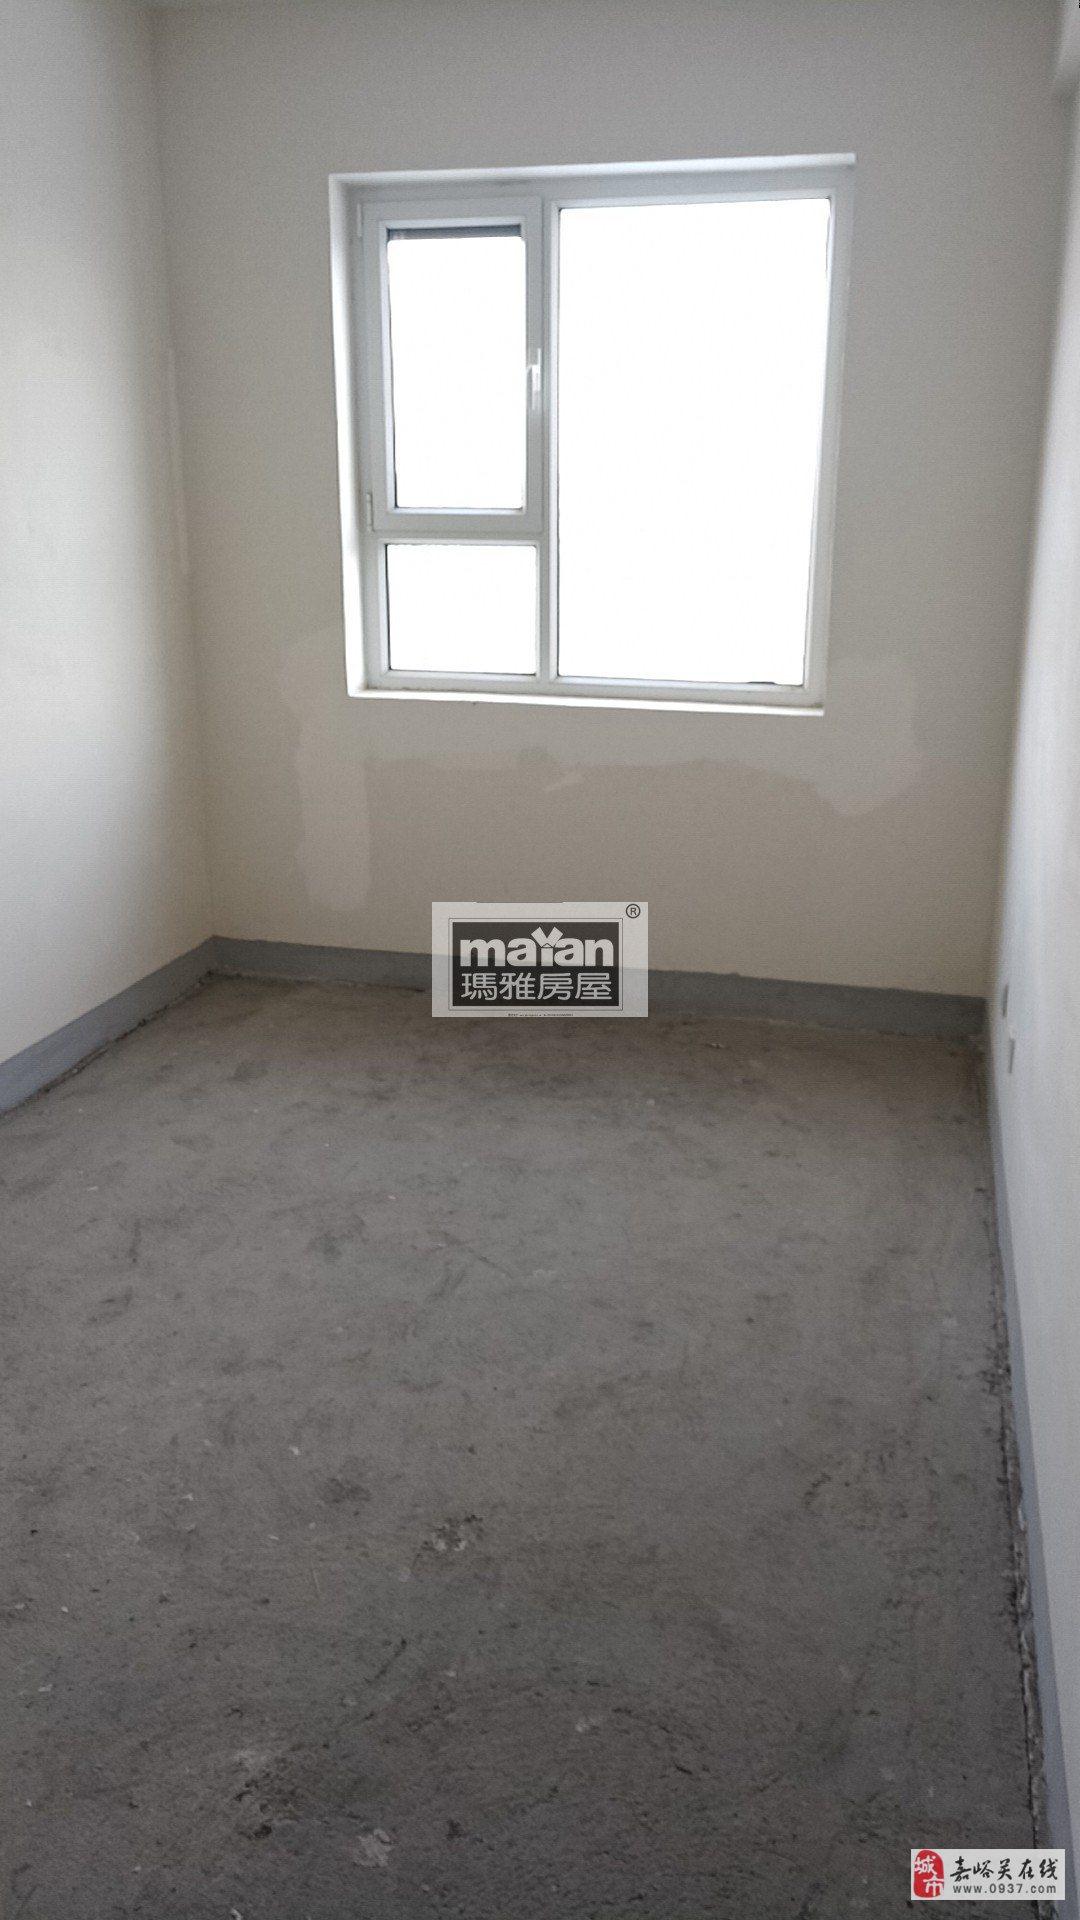 阳光金水湾3室2厅1卫55万元